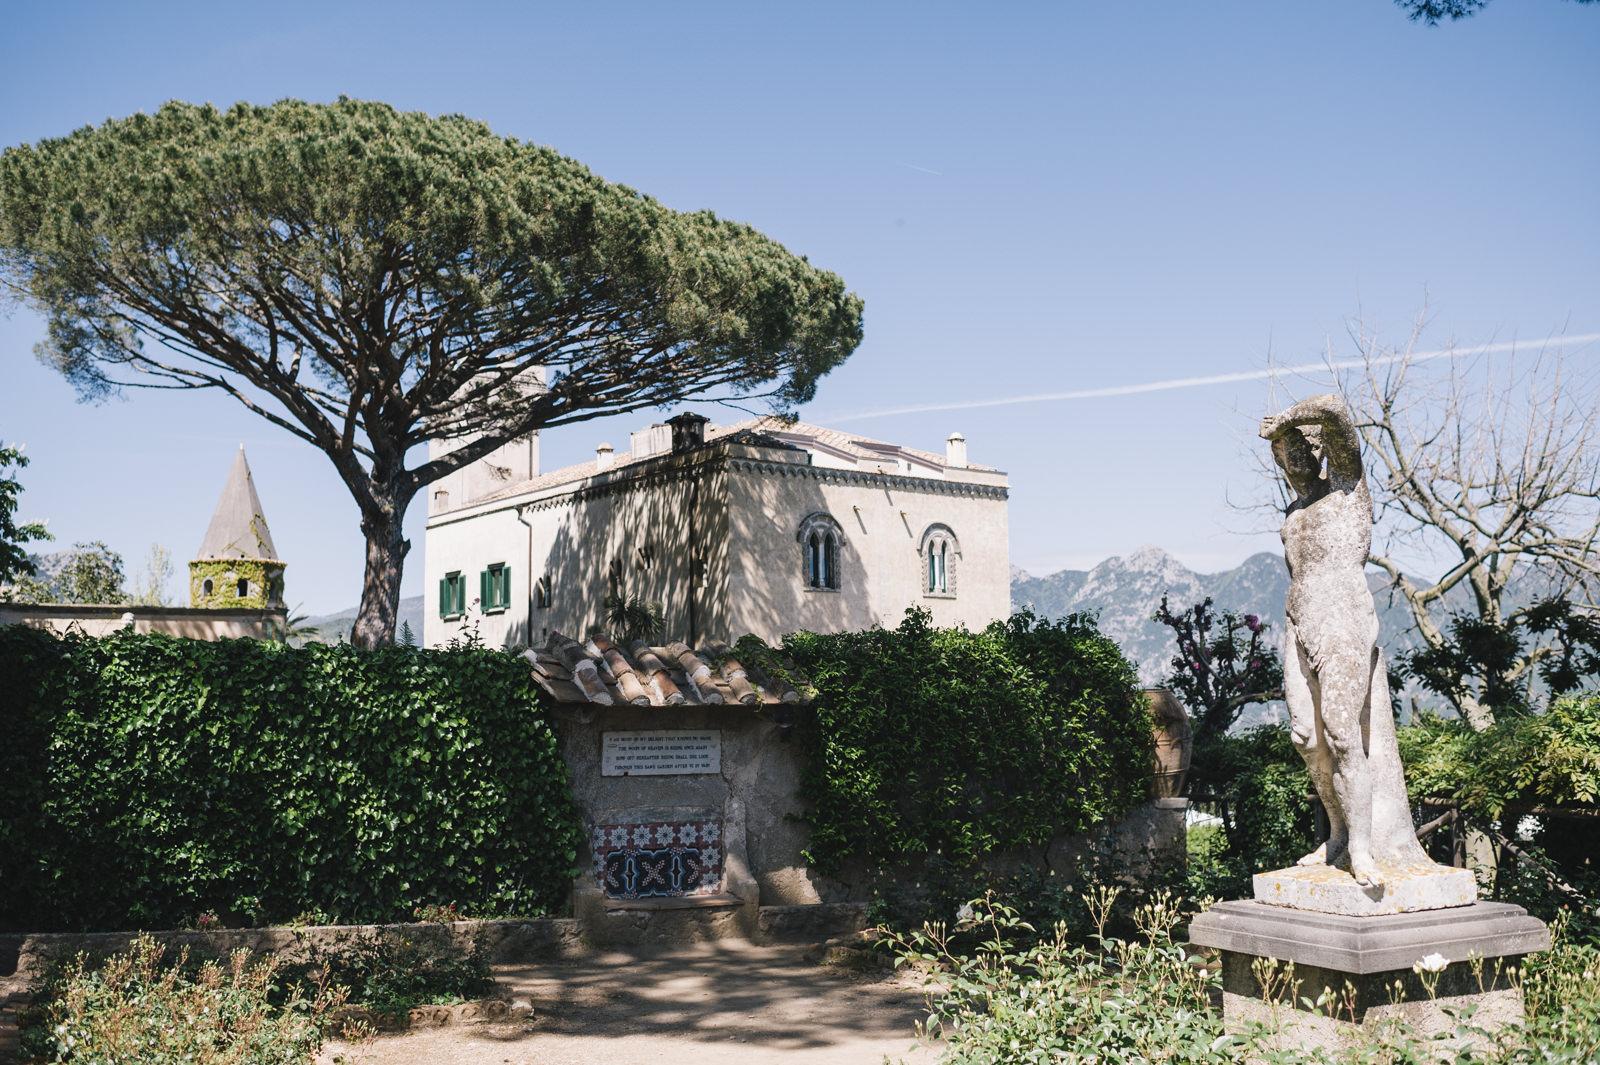 garden at villa cimbrone